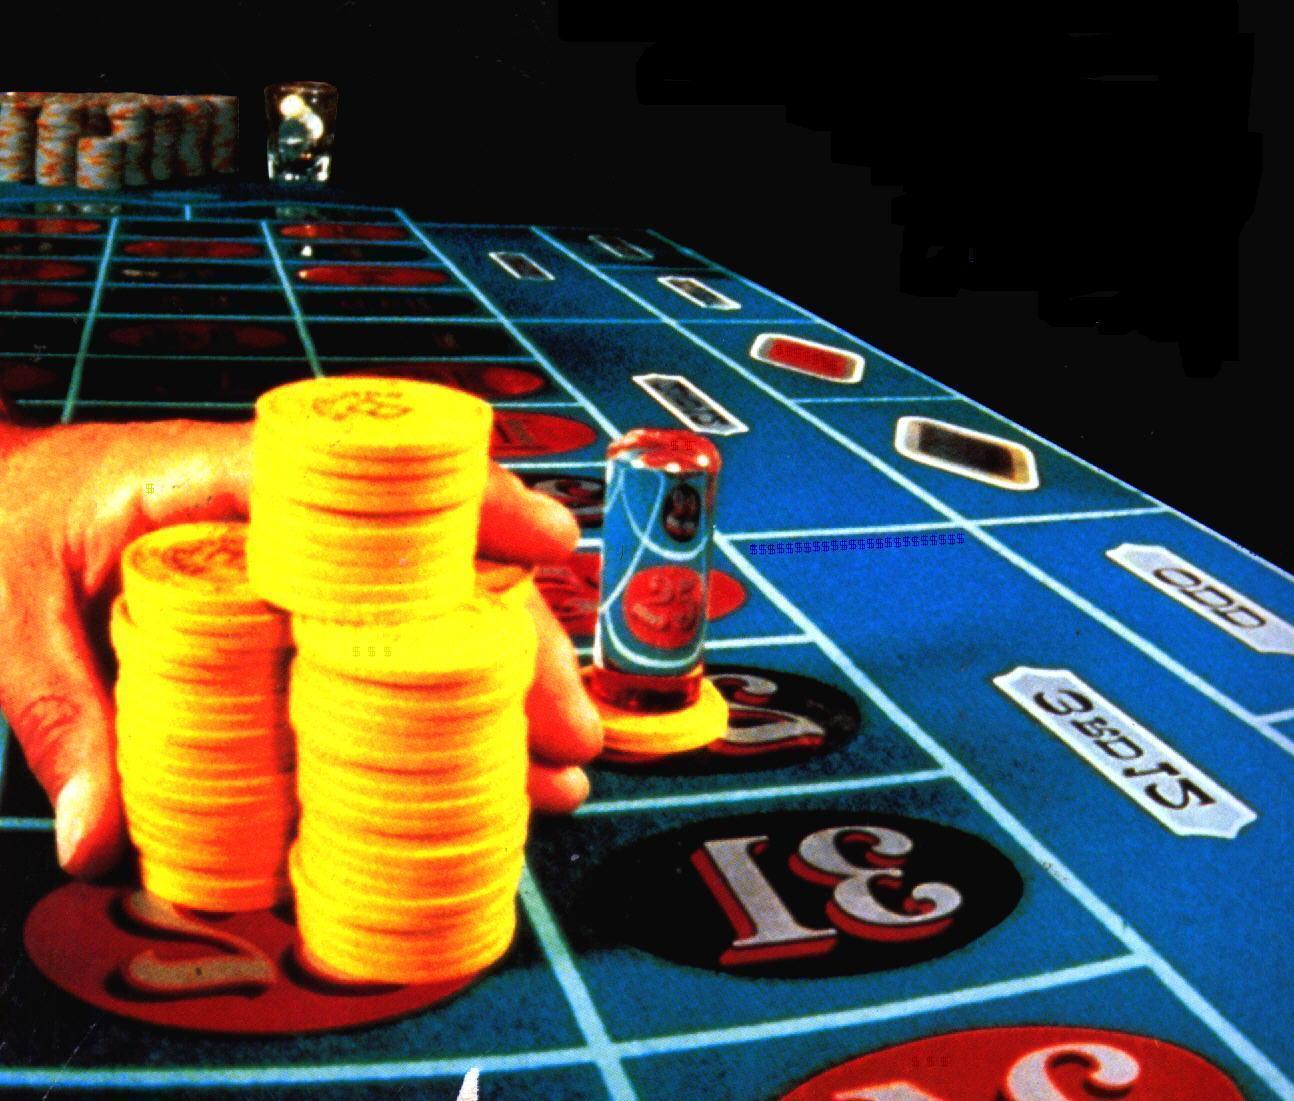 Jugadores Españoles casino los casinos mas famosos - 11497